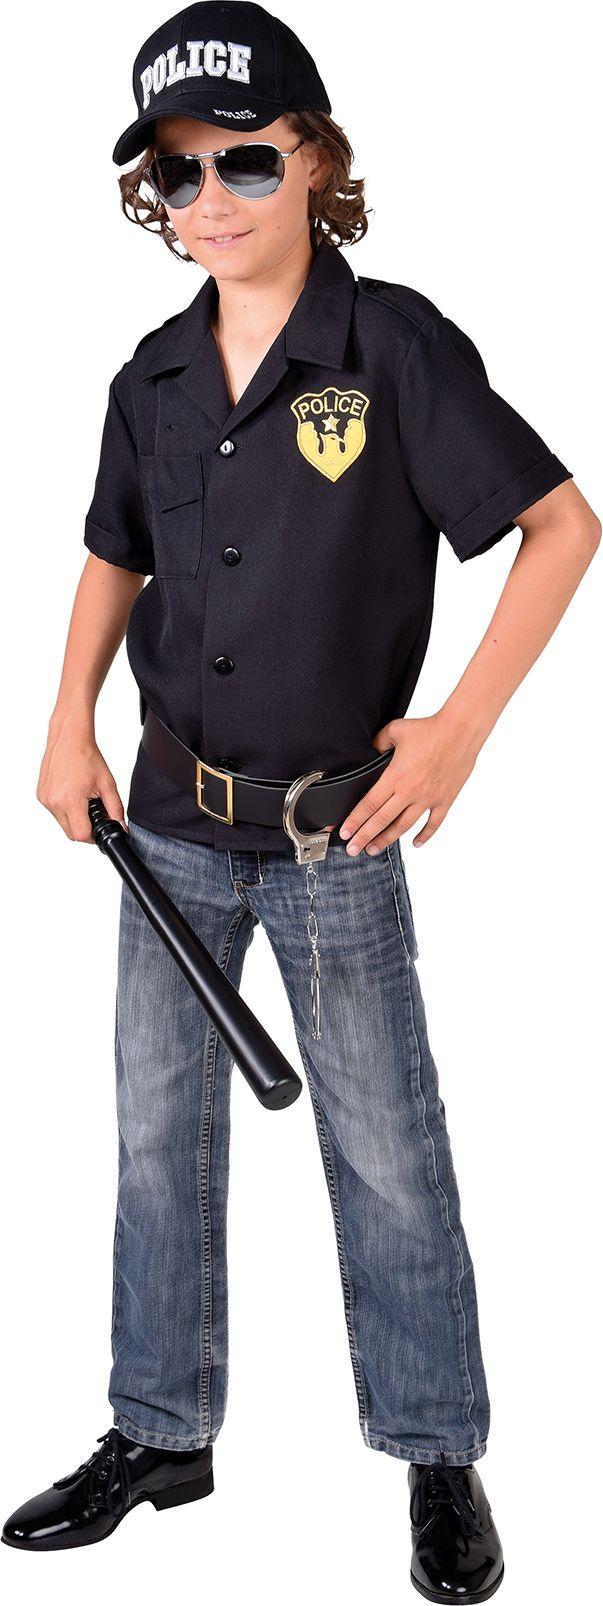 Zwarte politie blouse jongens